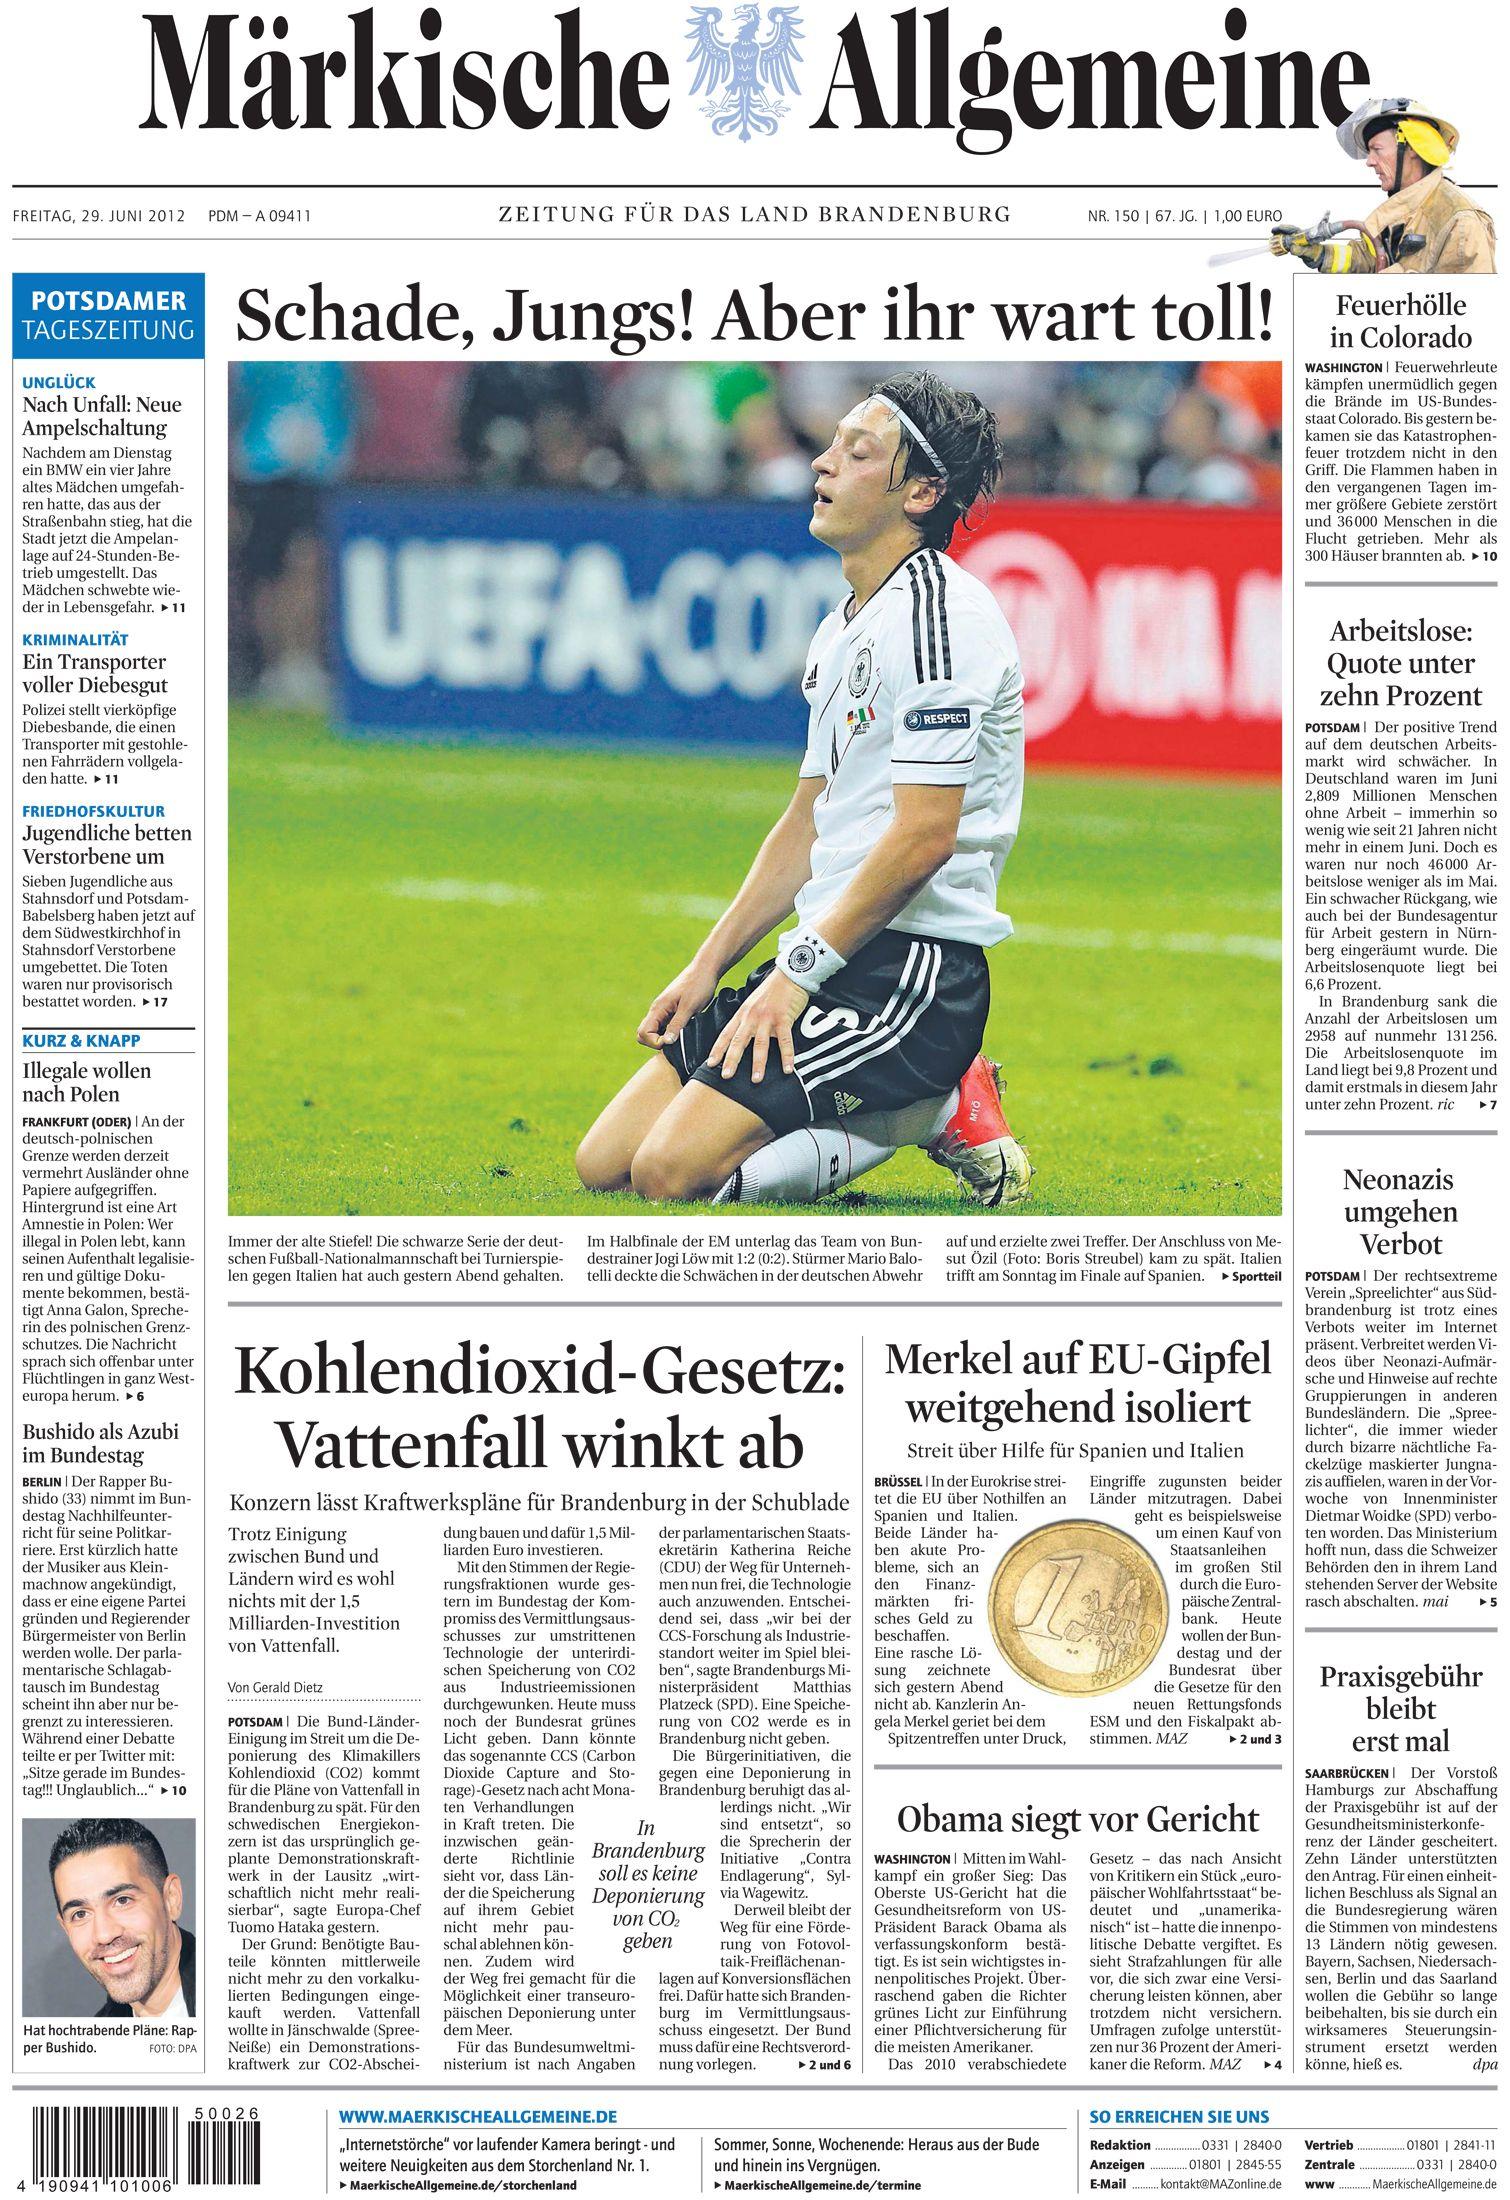 Freitag, 29. Juni 2012 - Das böse Erwachen nach dem EM-Aus der Deutschen Nationalelf gegen Italien - auch beim Public-Viewing. » http://www.maerkischeallgemeine.de/cms/ziel/17694166/DE/Public-Viewing.html